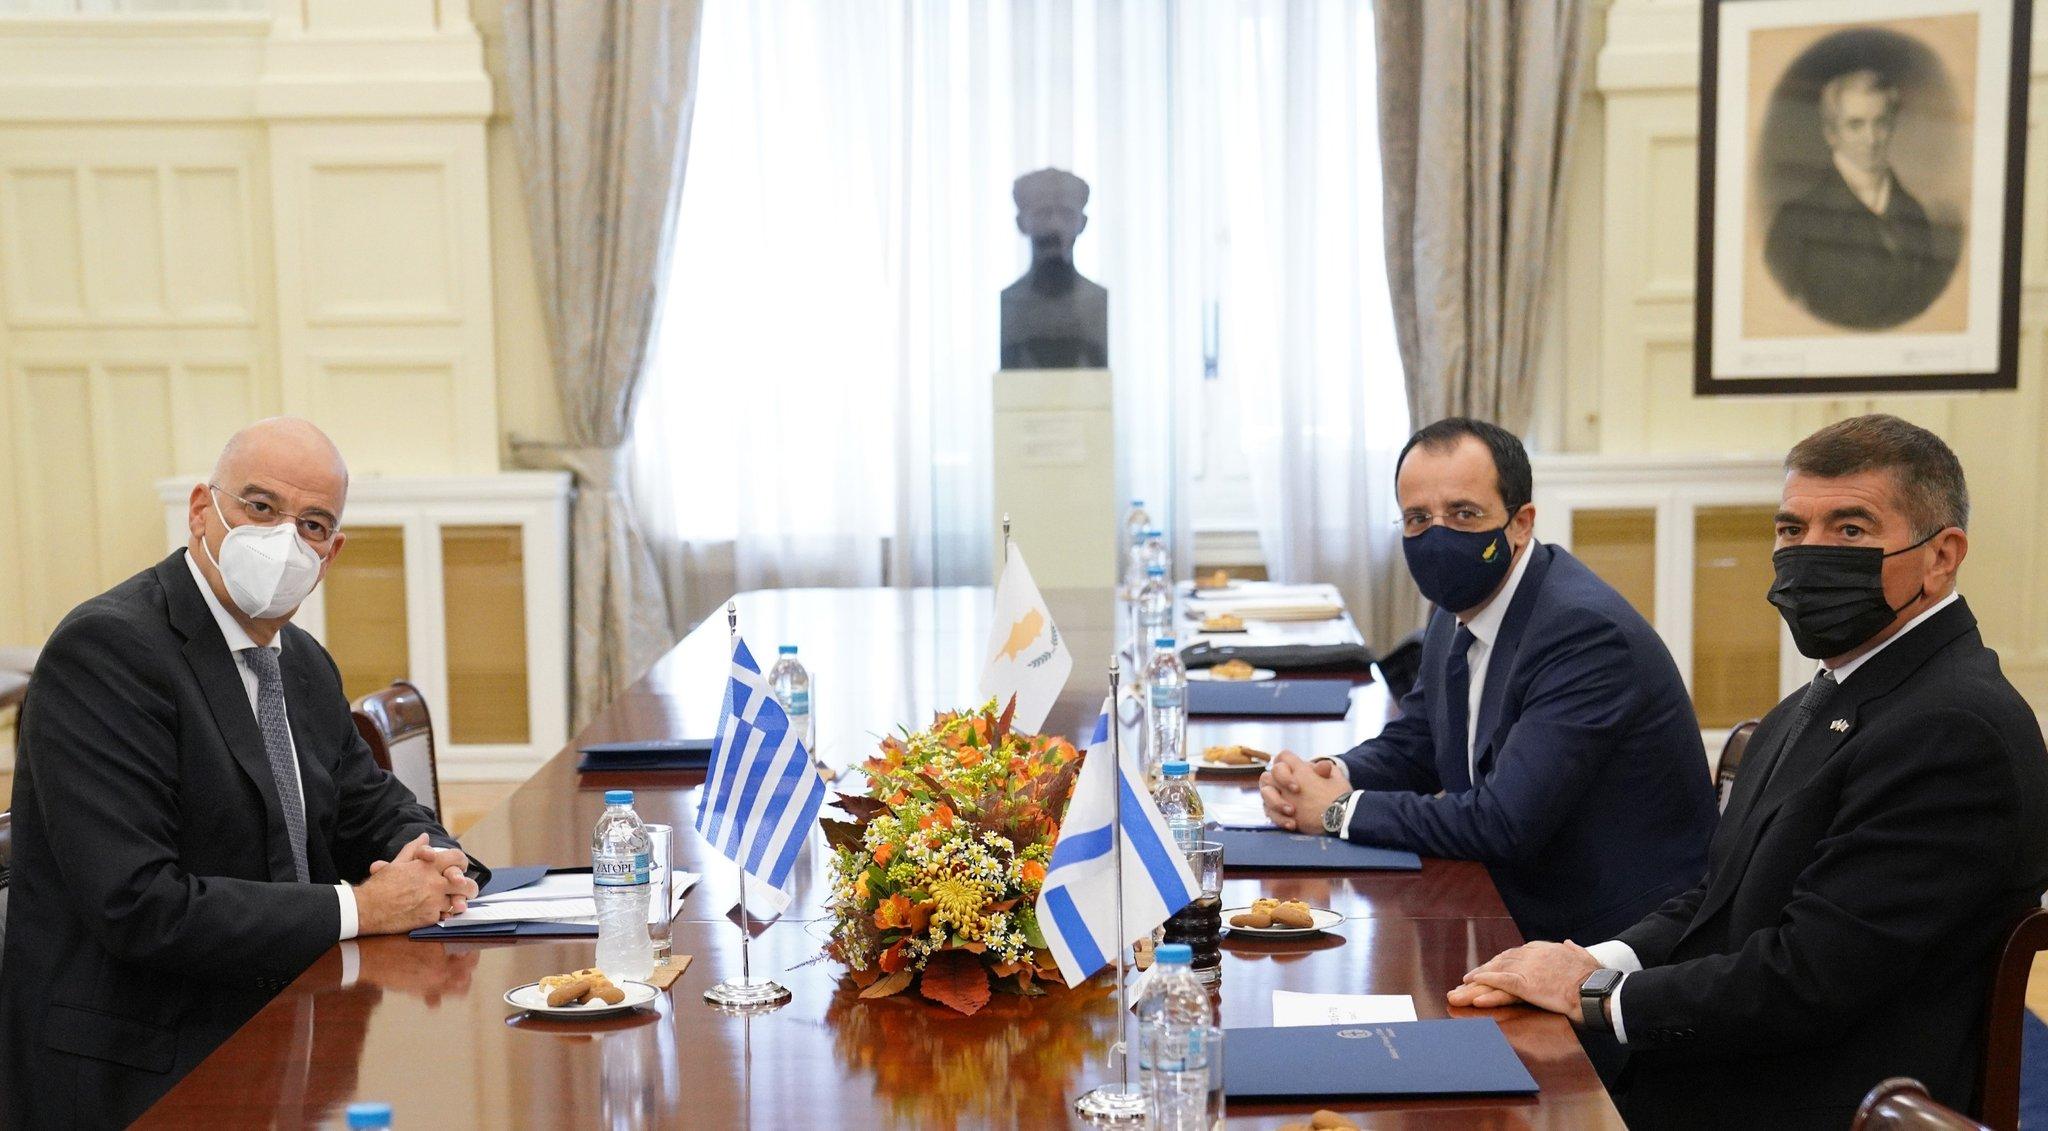 Τριμερής Ελλάδας, Κύπρου, Ισραήλ – Δένδιας: Η Τουρκία δυναμιτίζει οποιαδήποτε προσπάθεια εποικοδομητικού διαλόγου